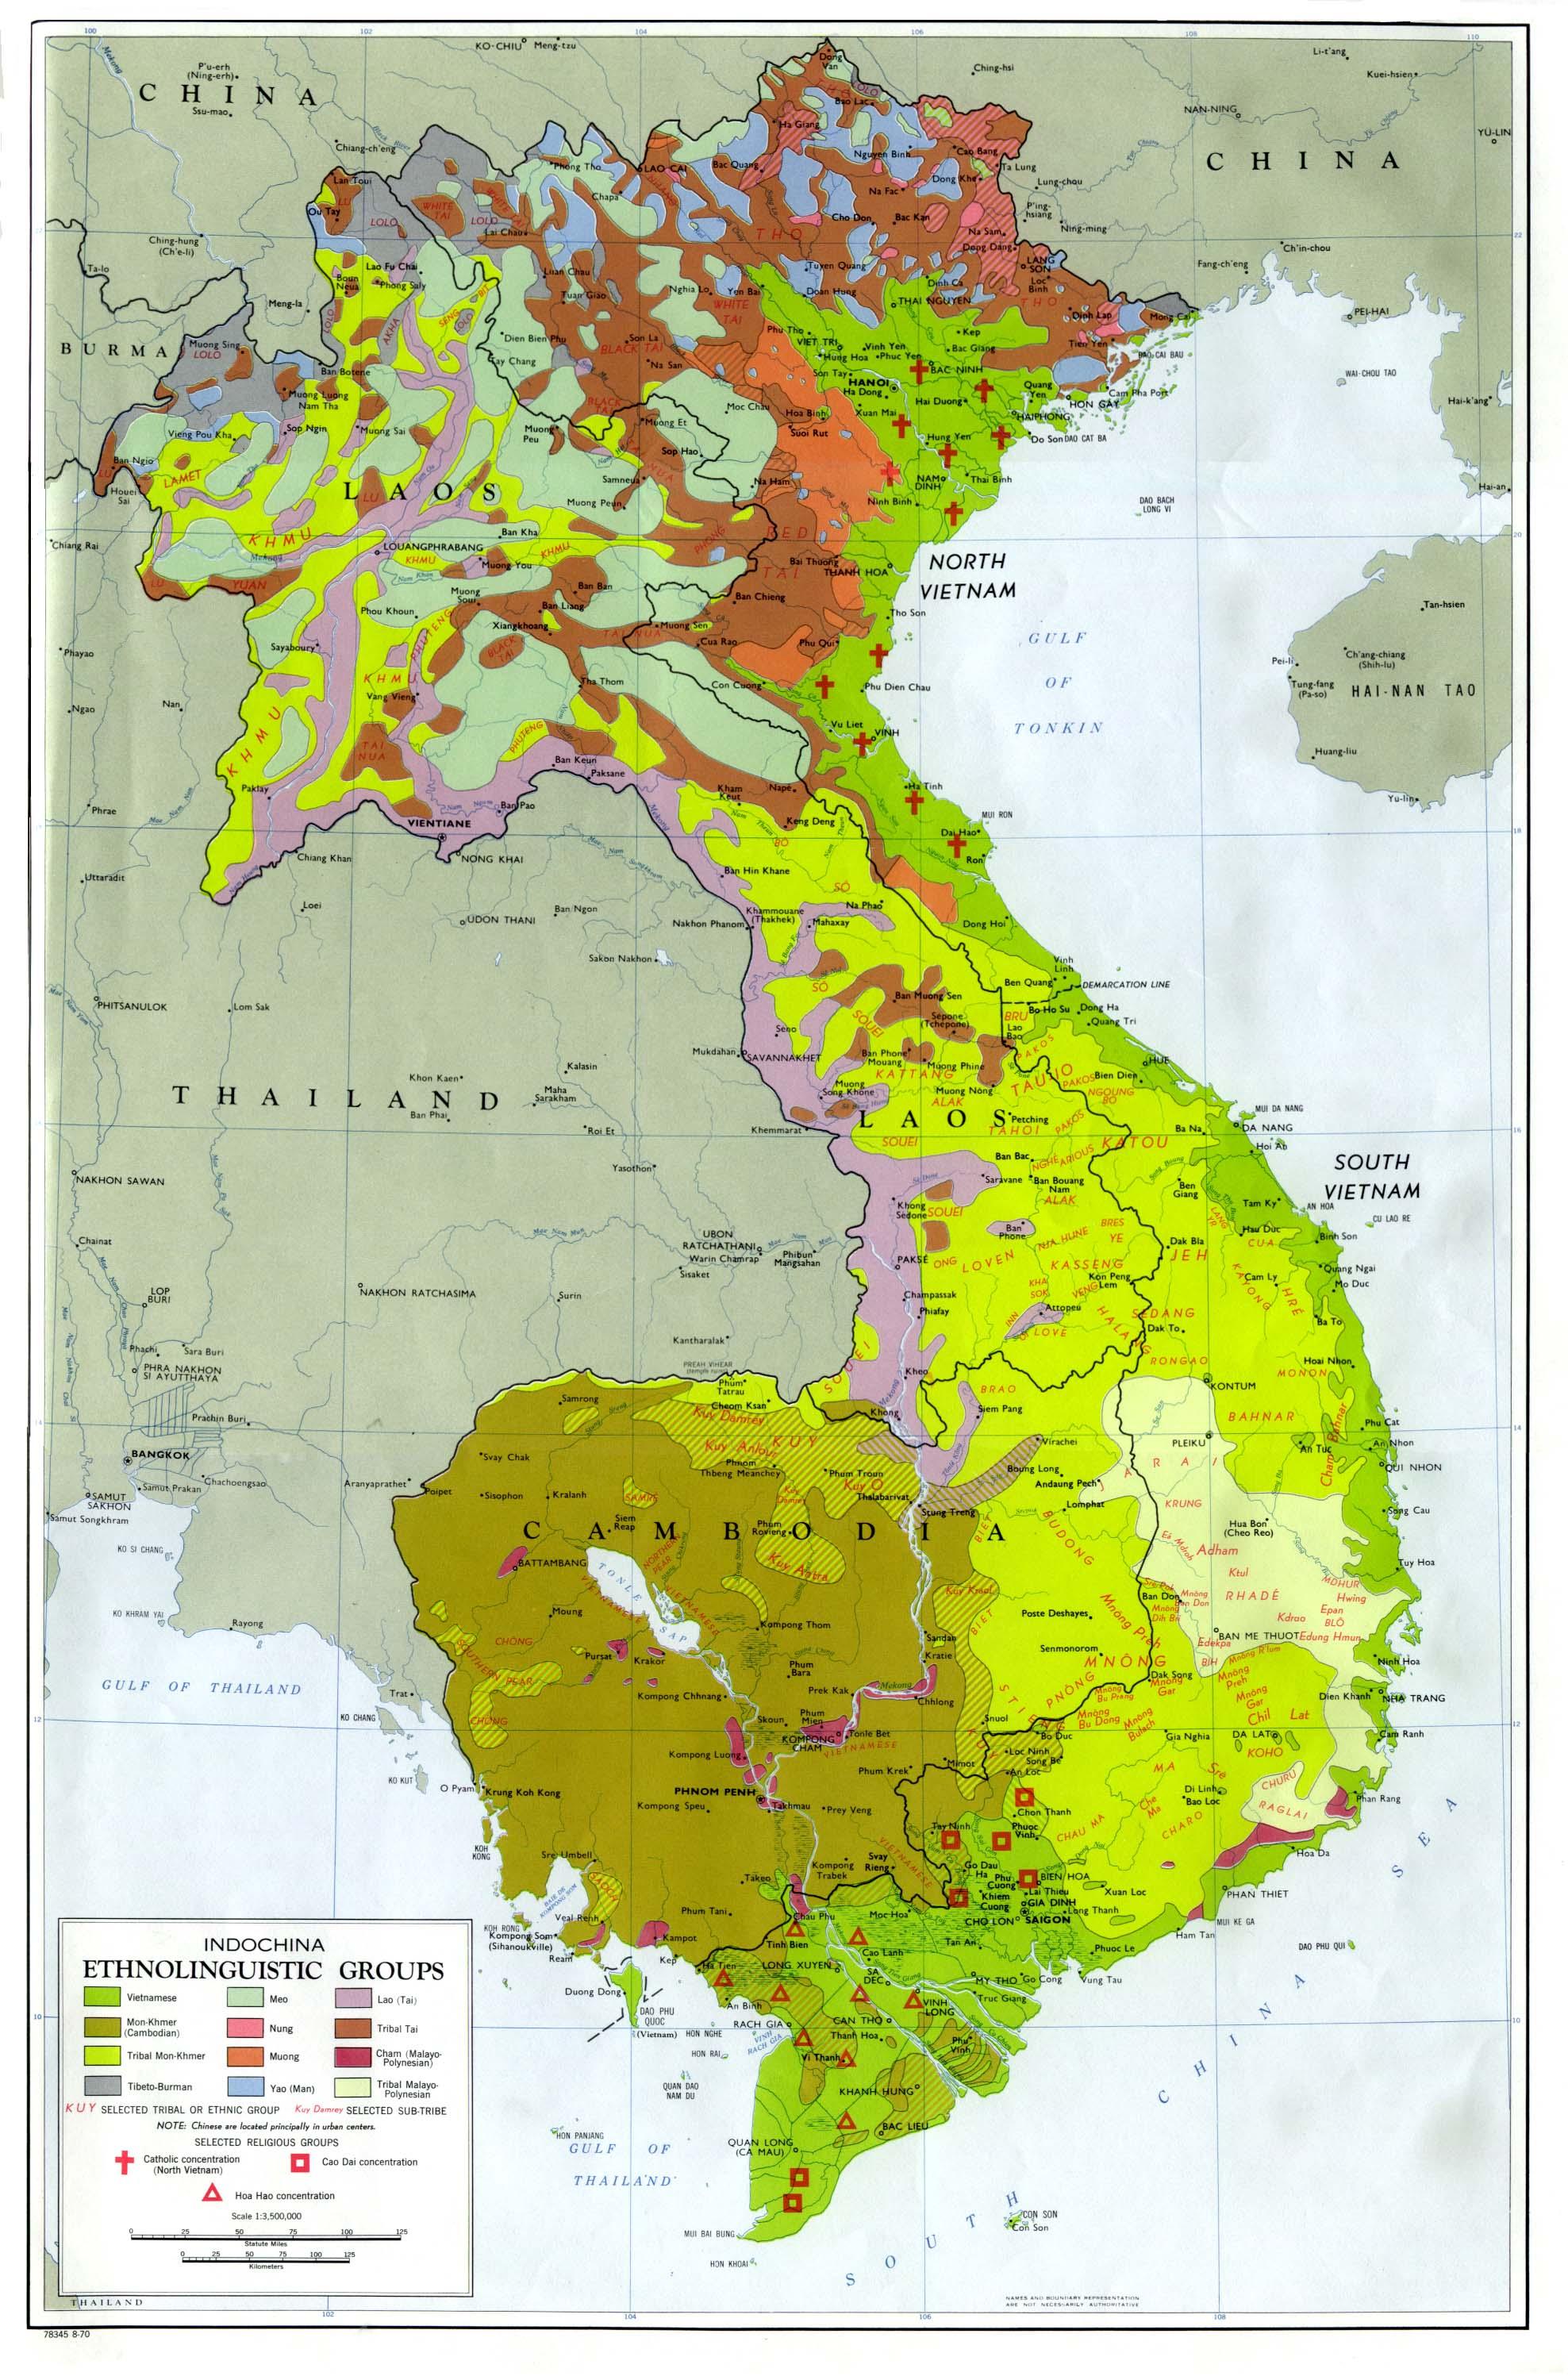 Map of Indochina Ethnolinguistic Groups